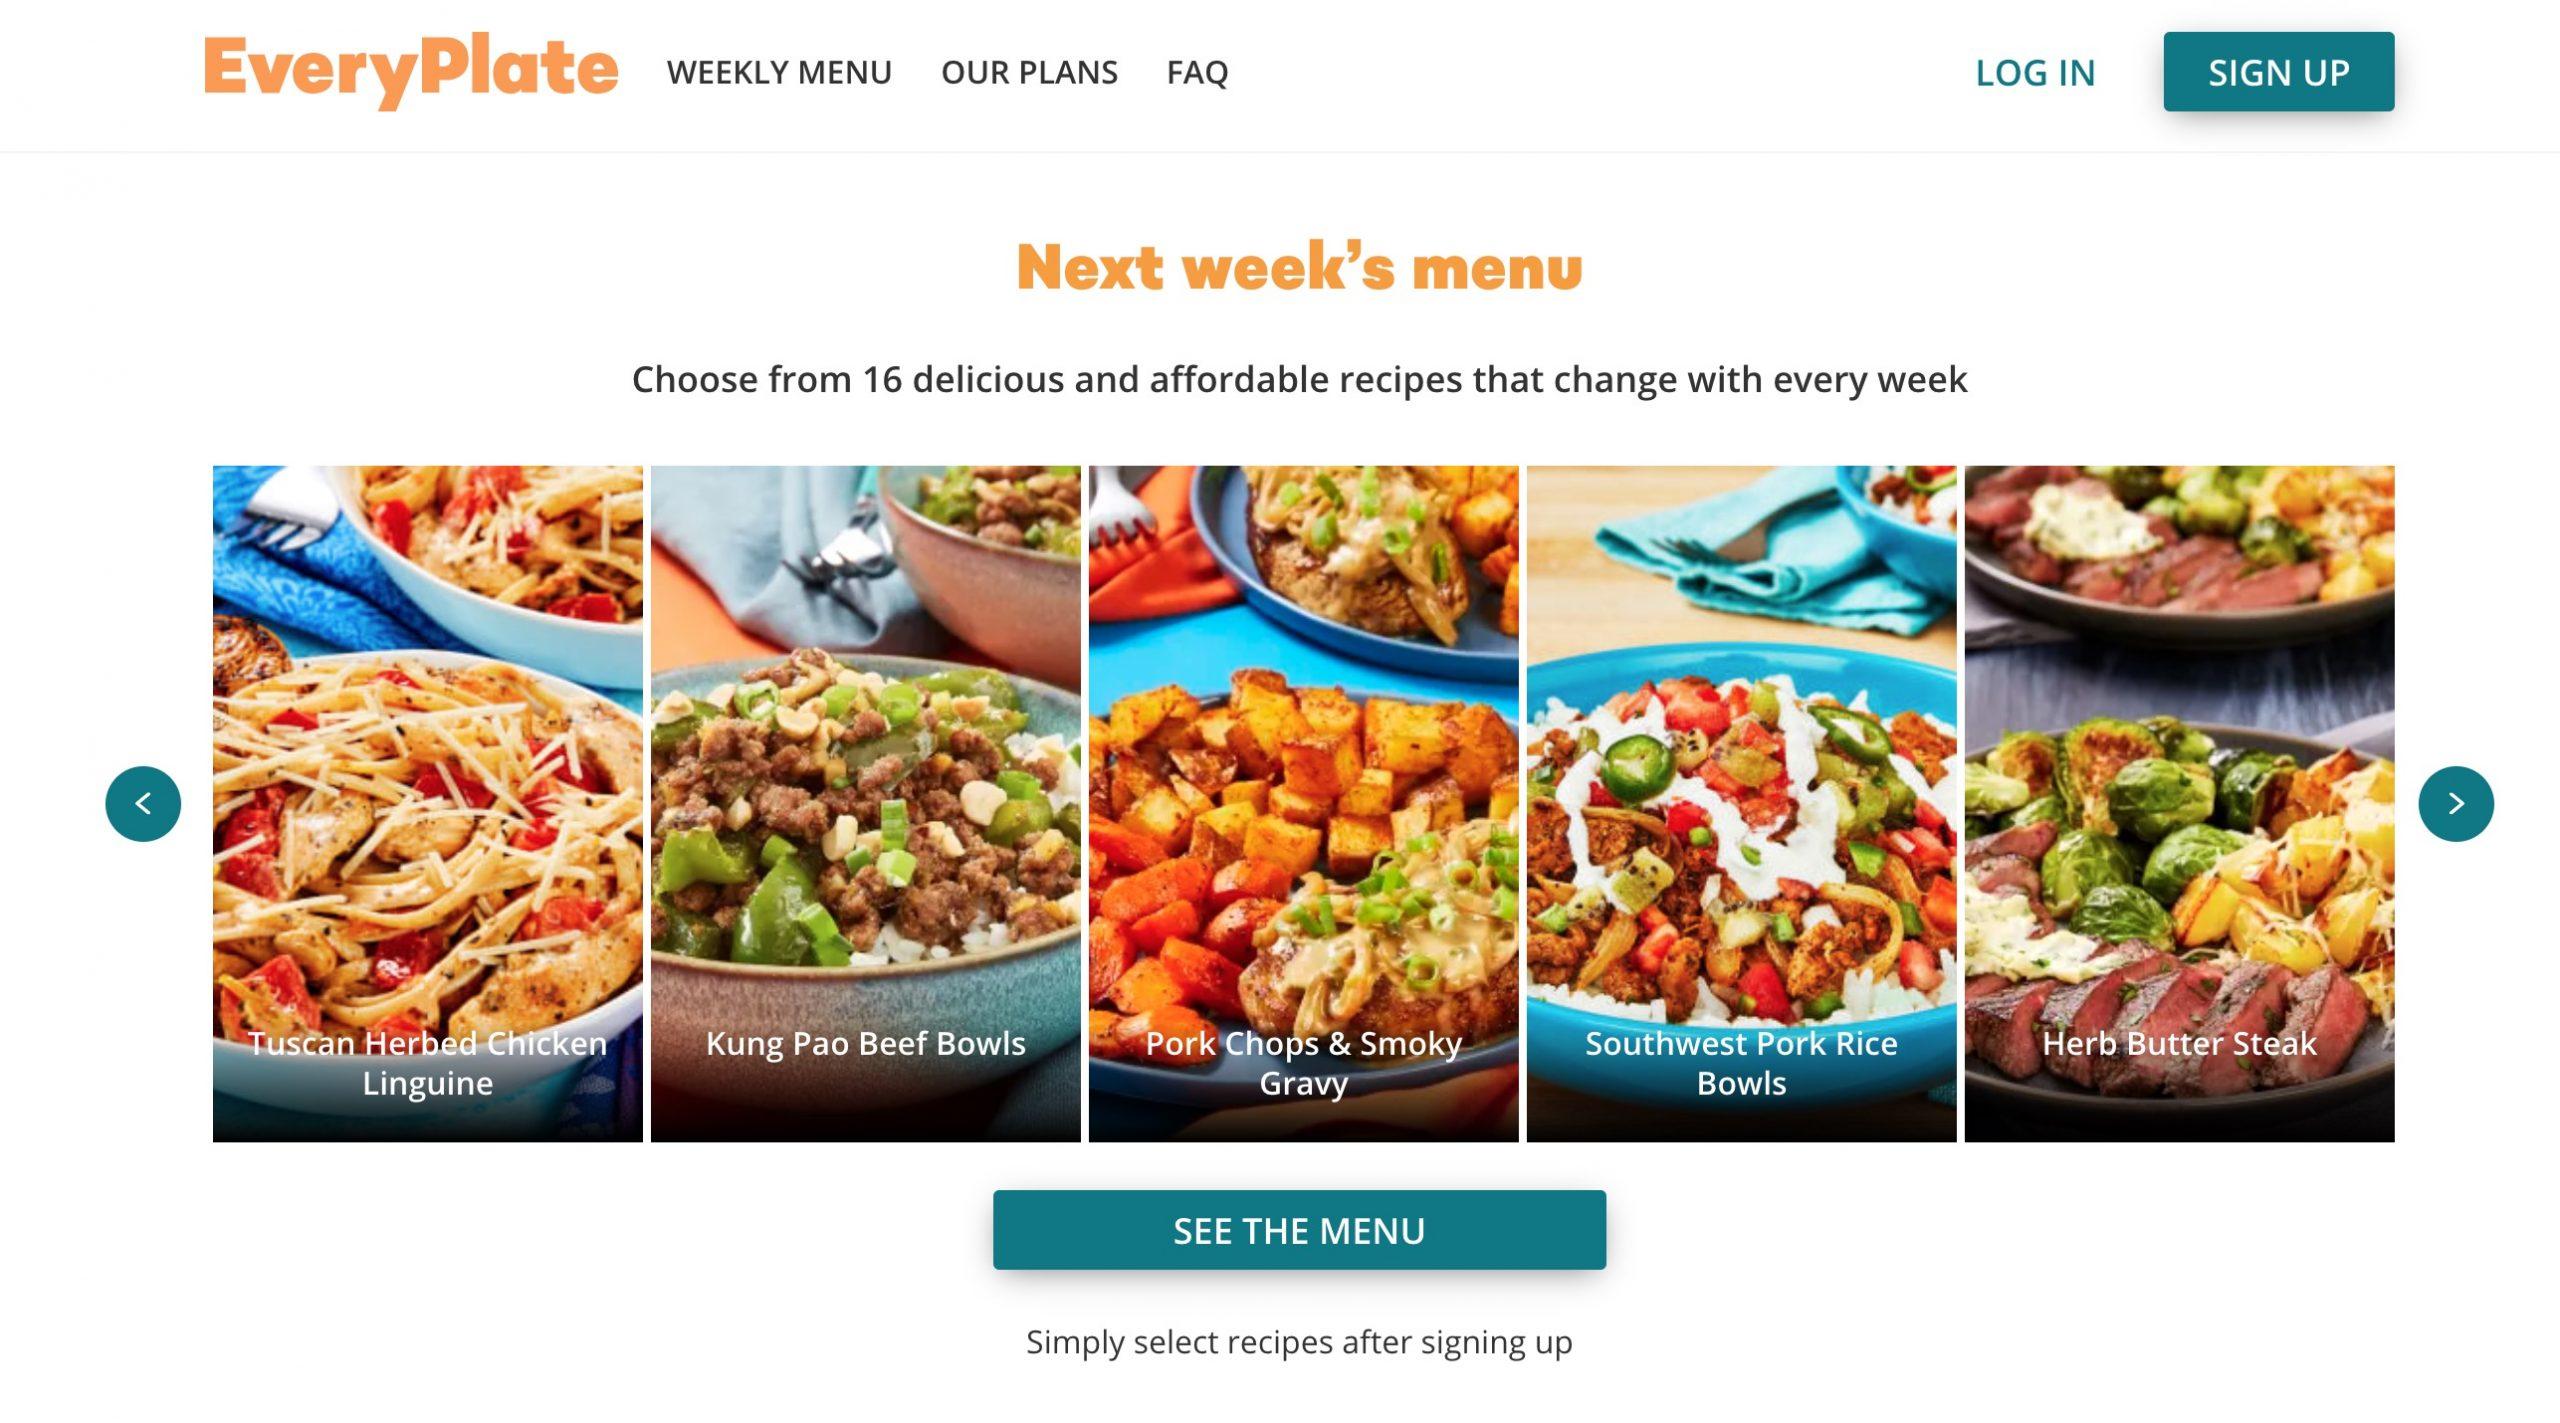 EveryPlate week menu